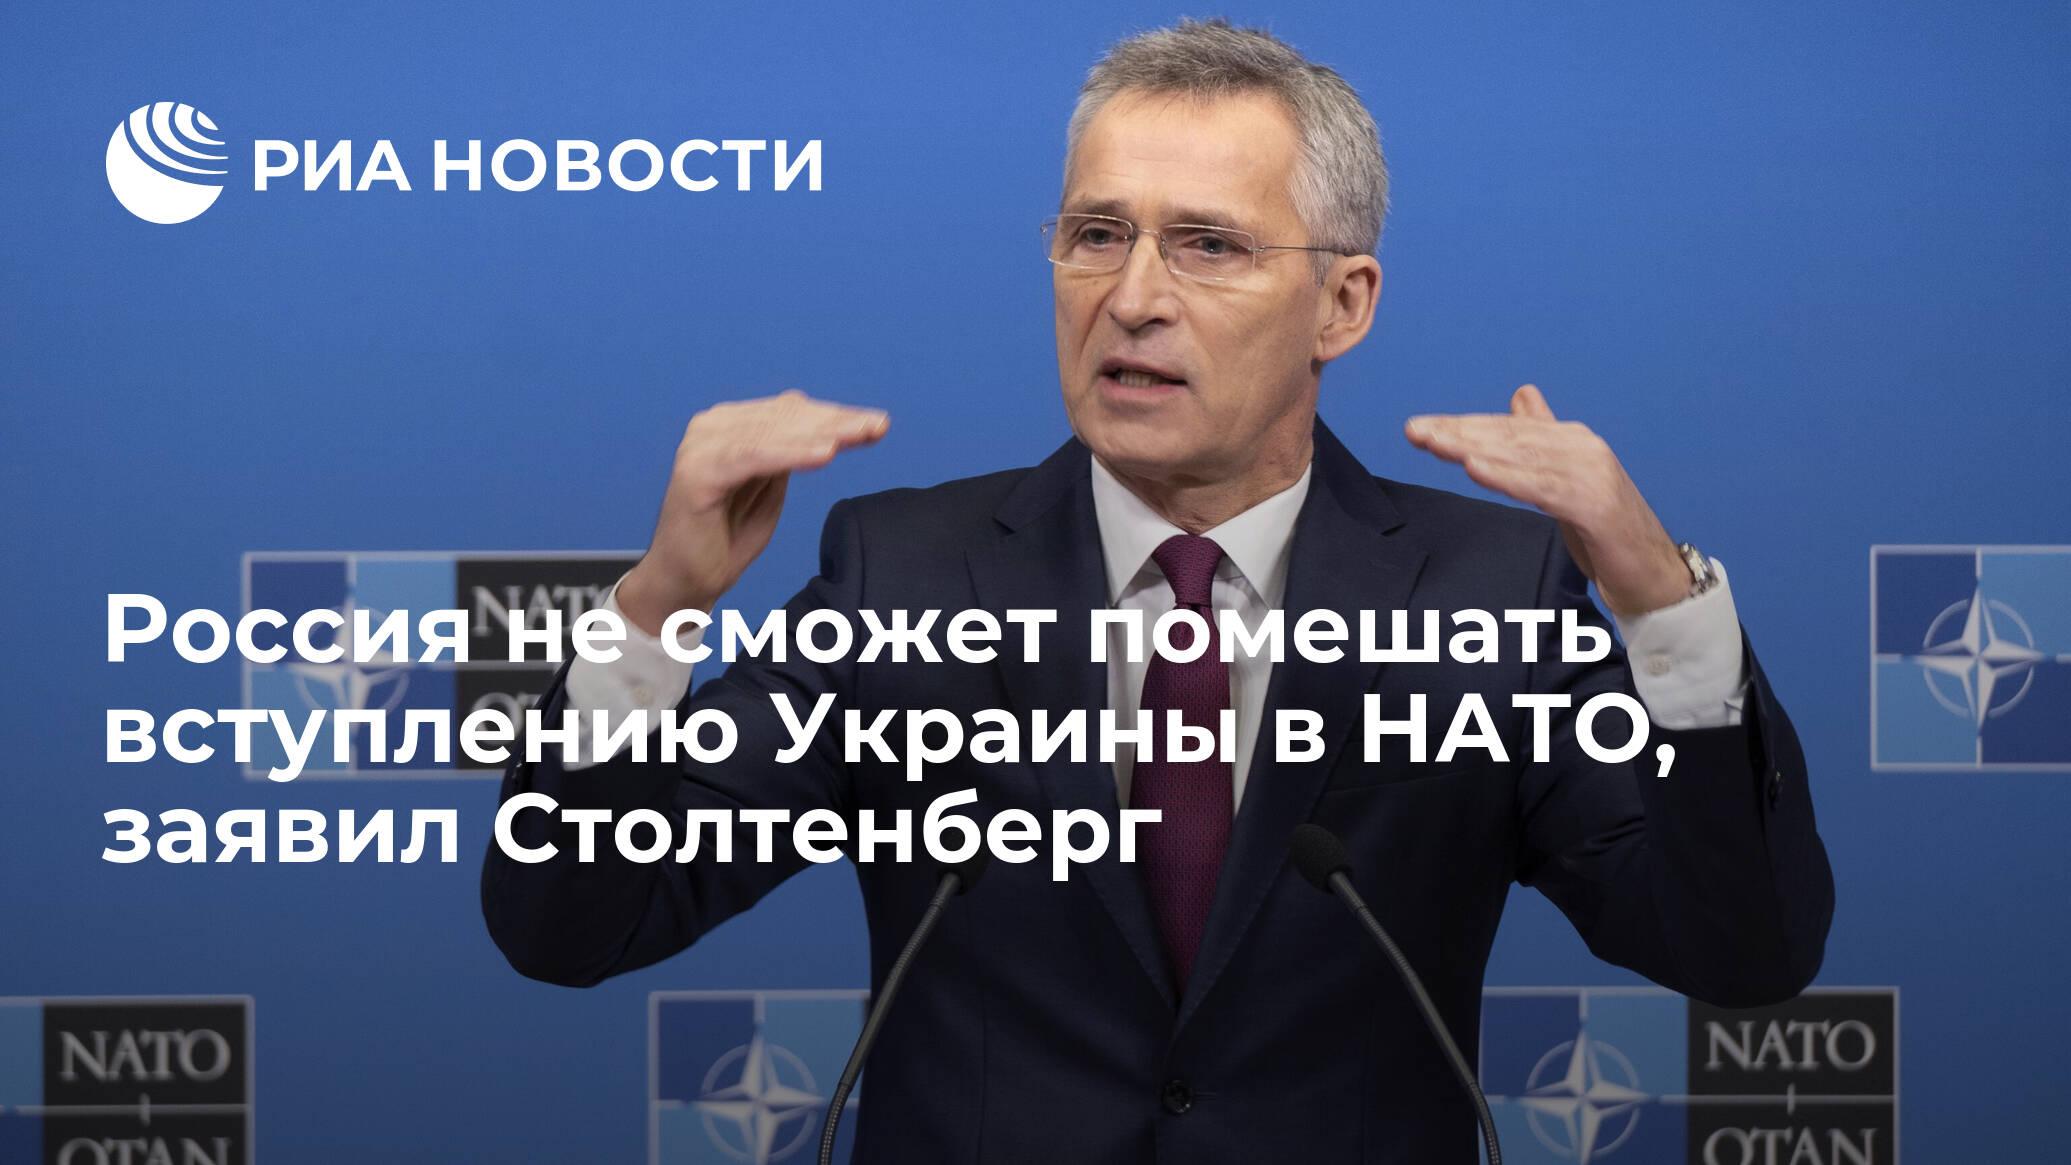 Россия не сможет помешать вступлению Украины в НАТО, заявил Столтенберг